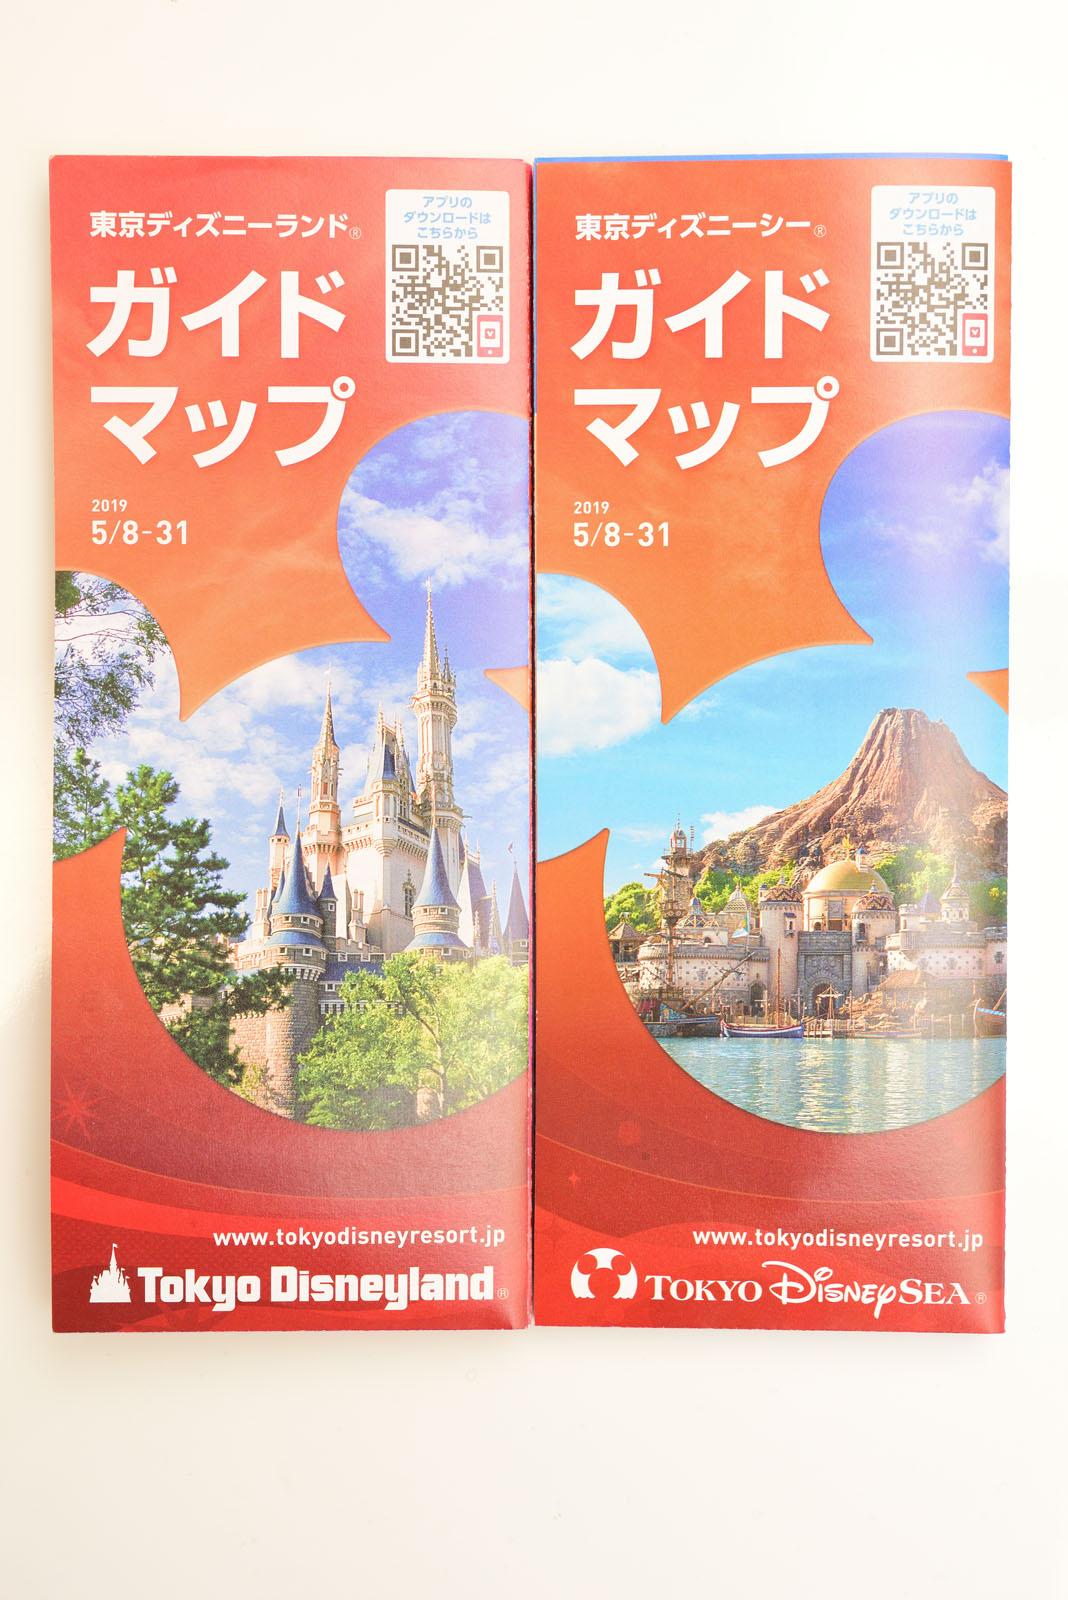 東京ディズニーランド 東京ディズニーシー ガイドマップ 2019年5月1日~5月31日